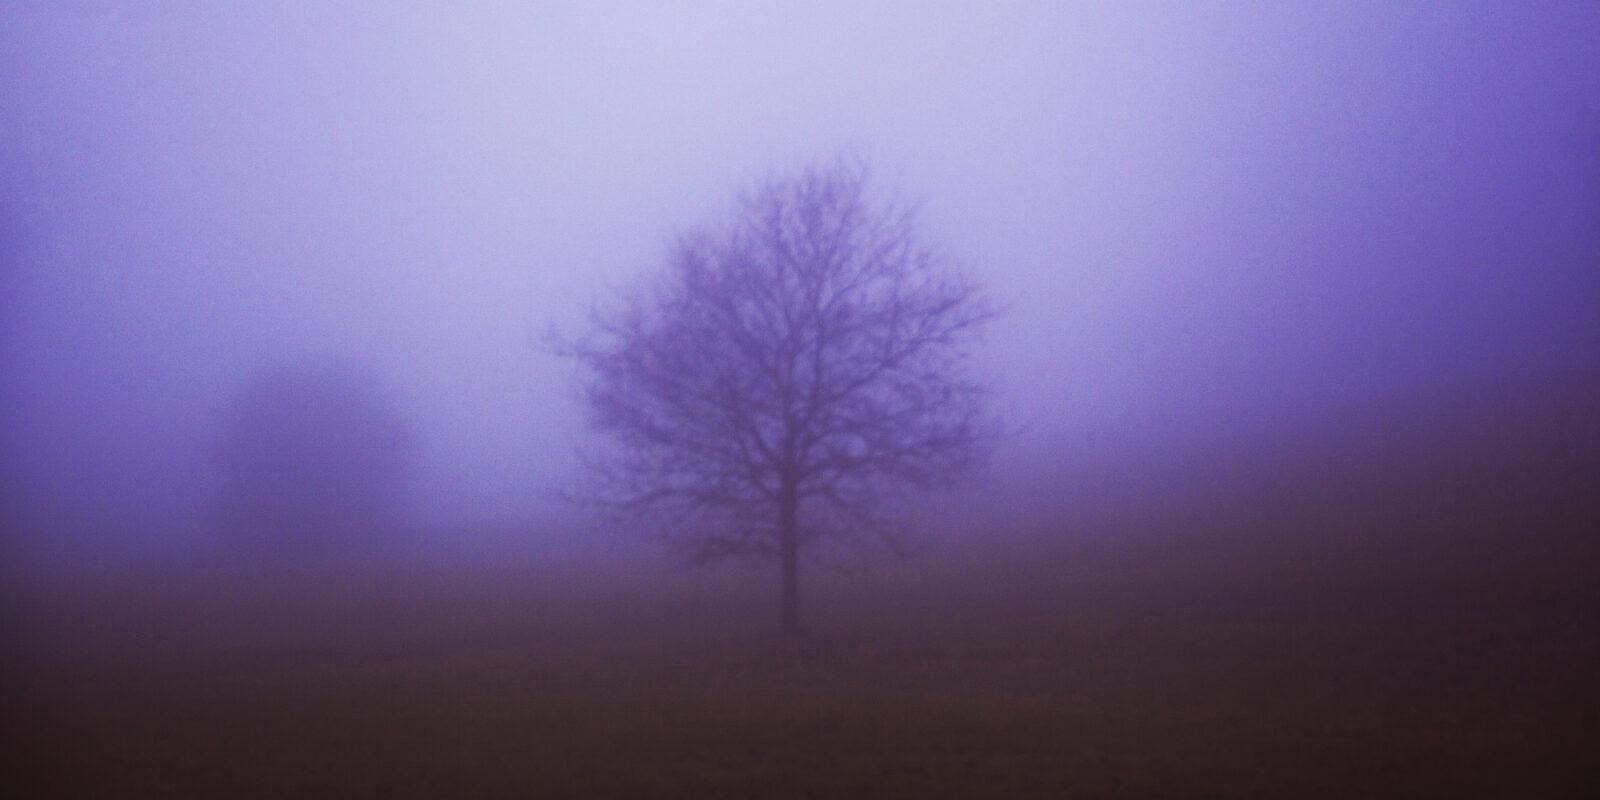 Song for the Mist-born - McGowan